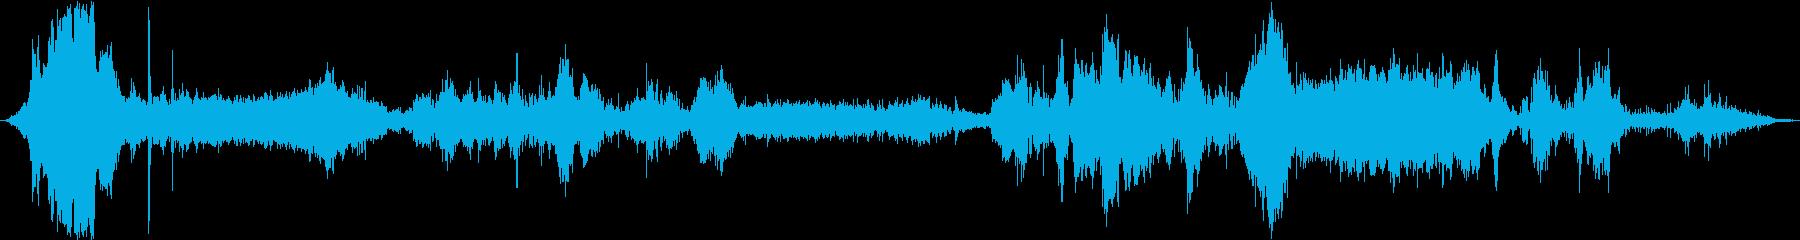 メタルローラーコースター:オンボー...の再生済みの波形